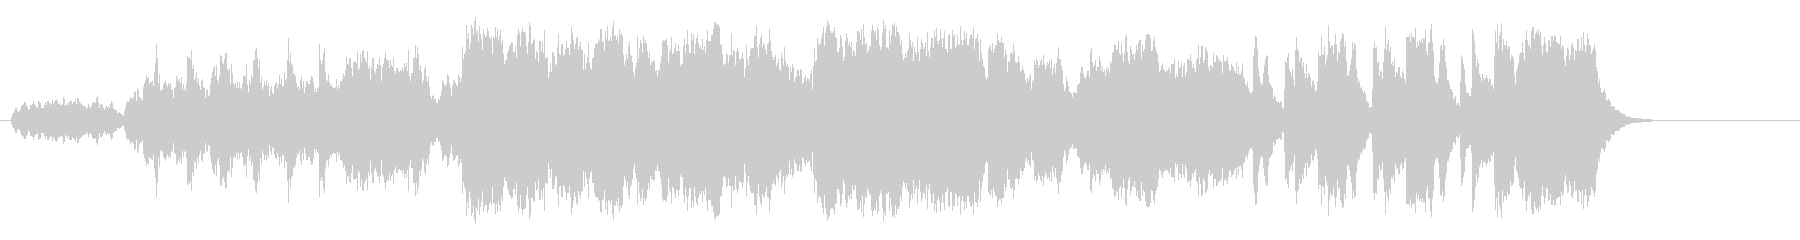 木漏れ日の幻想的なクラシック/BGの未再生の波形